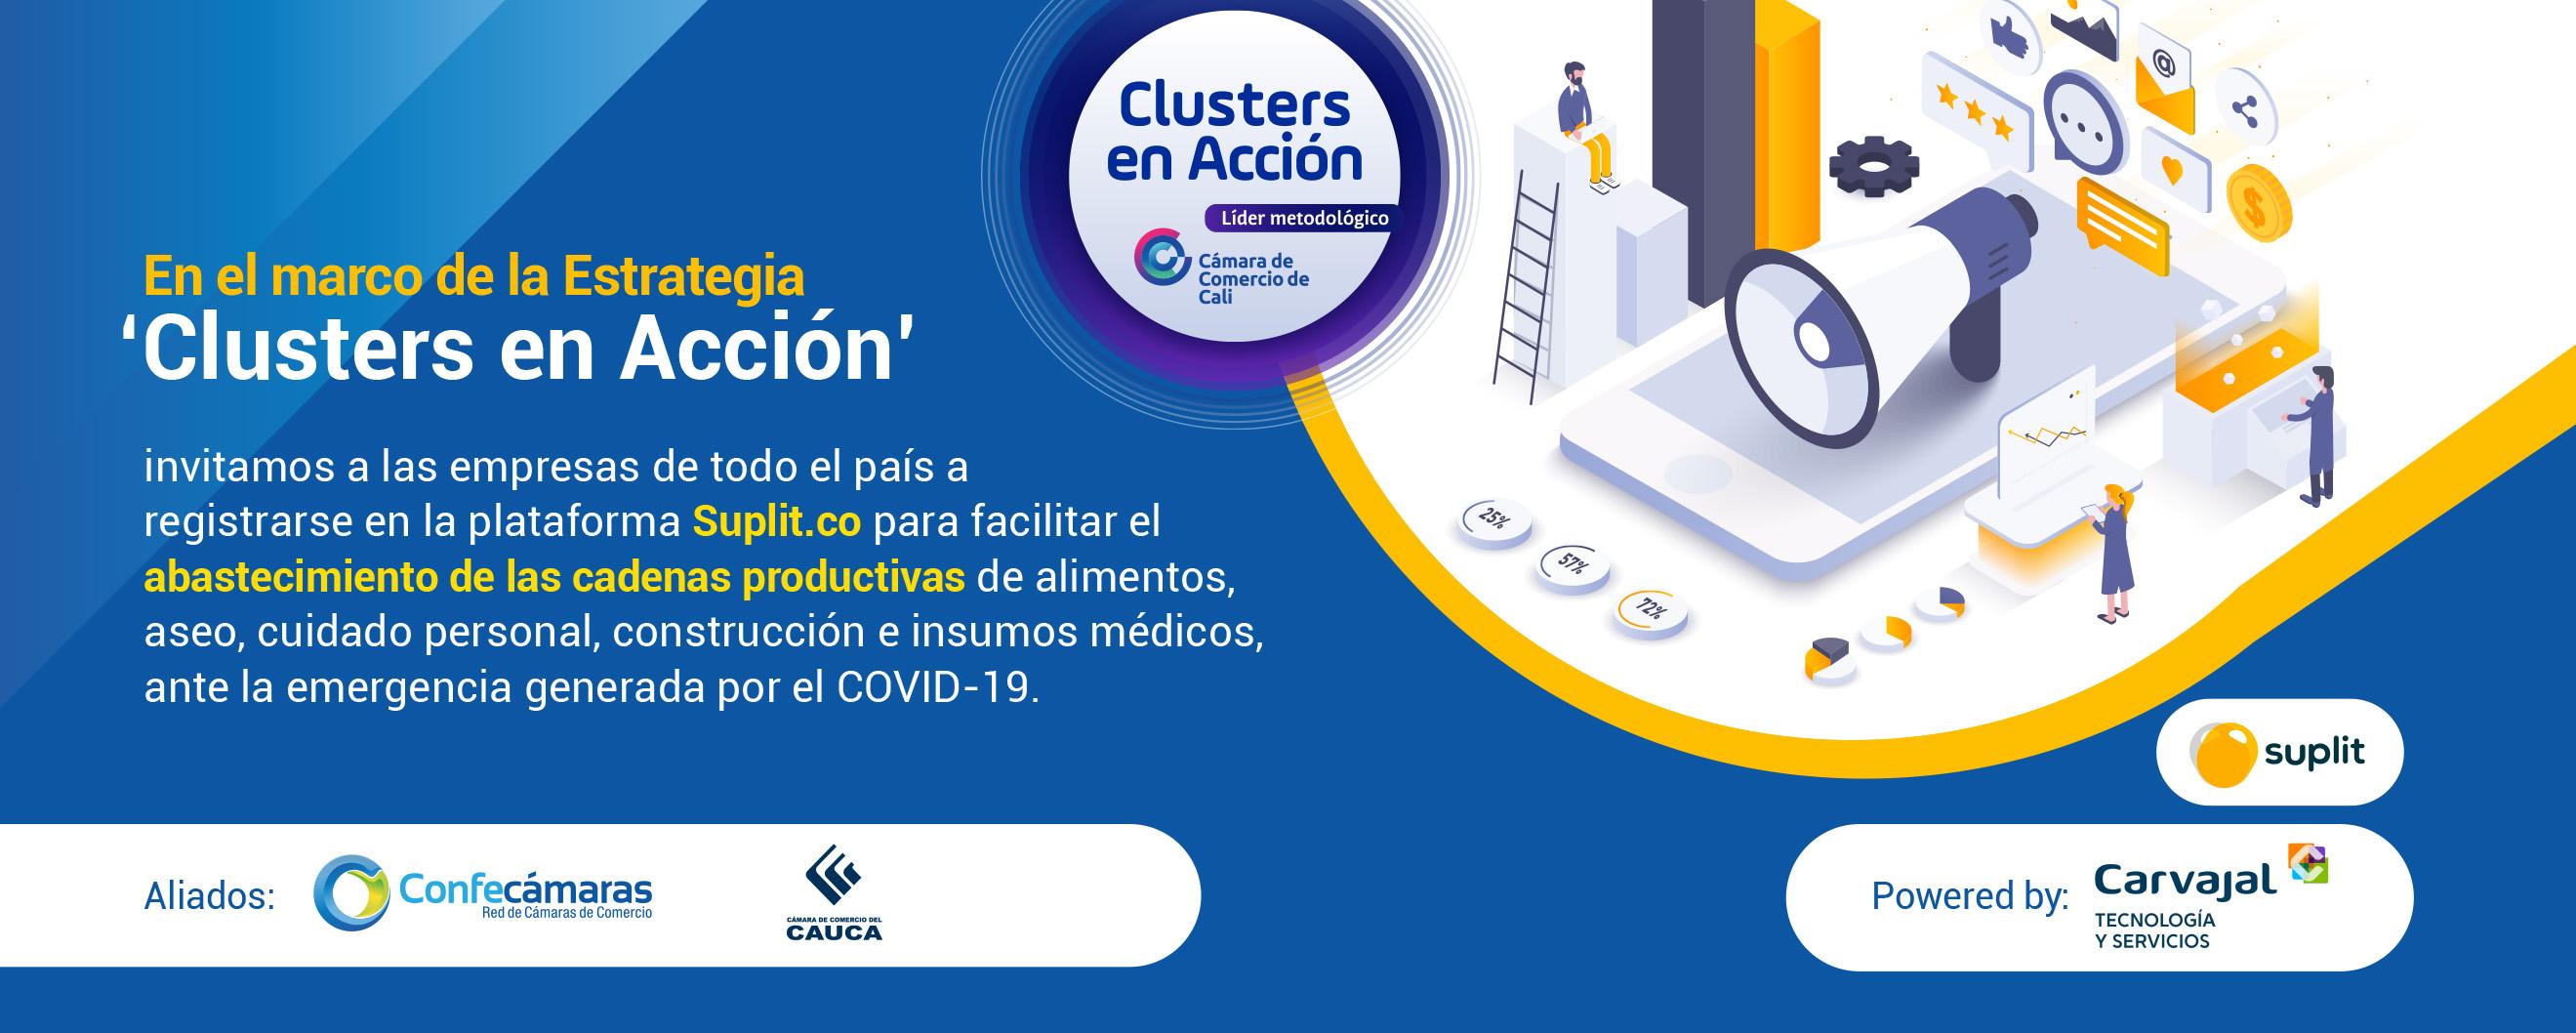 Clusters en Acción - Inscriba su Empresa para facilitar el abastecimiento de las cadenas productivas